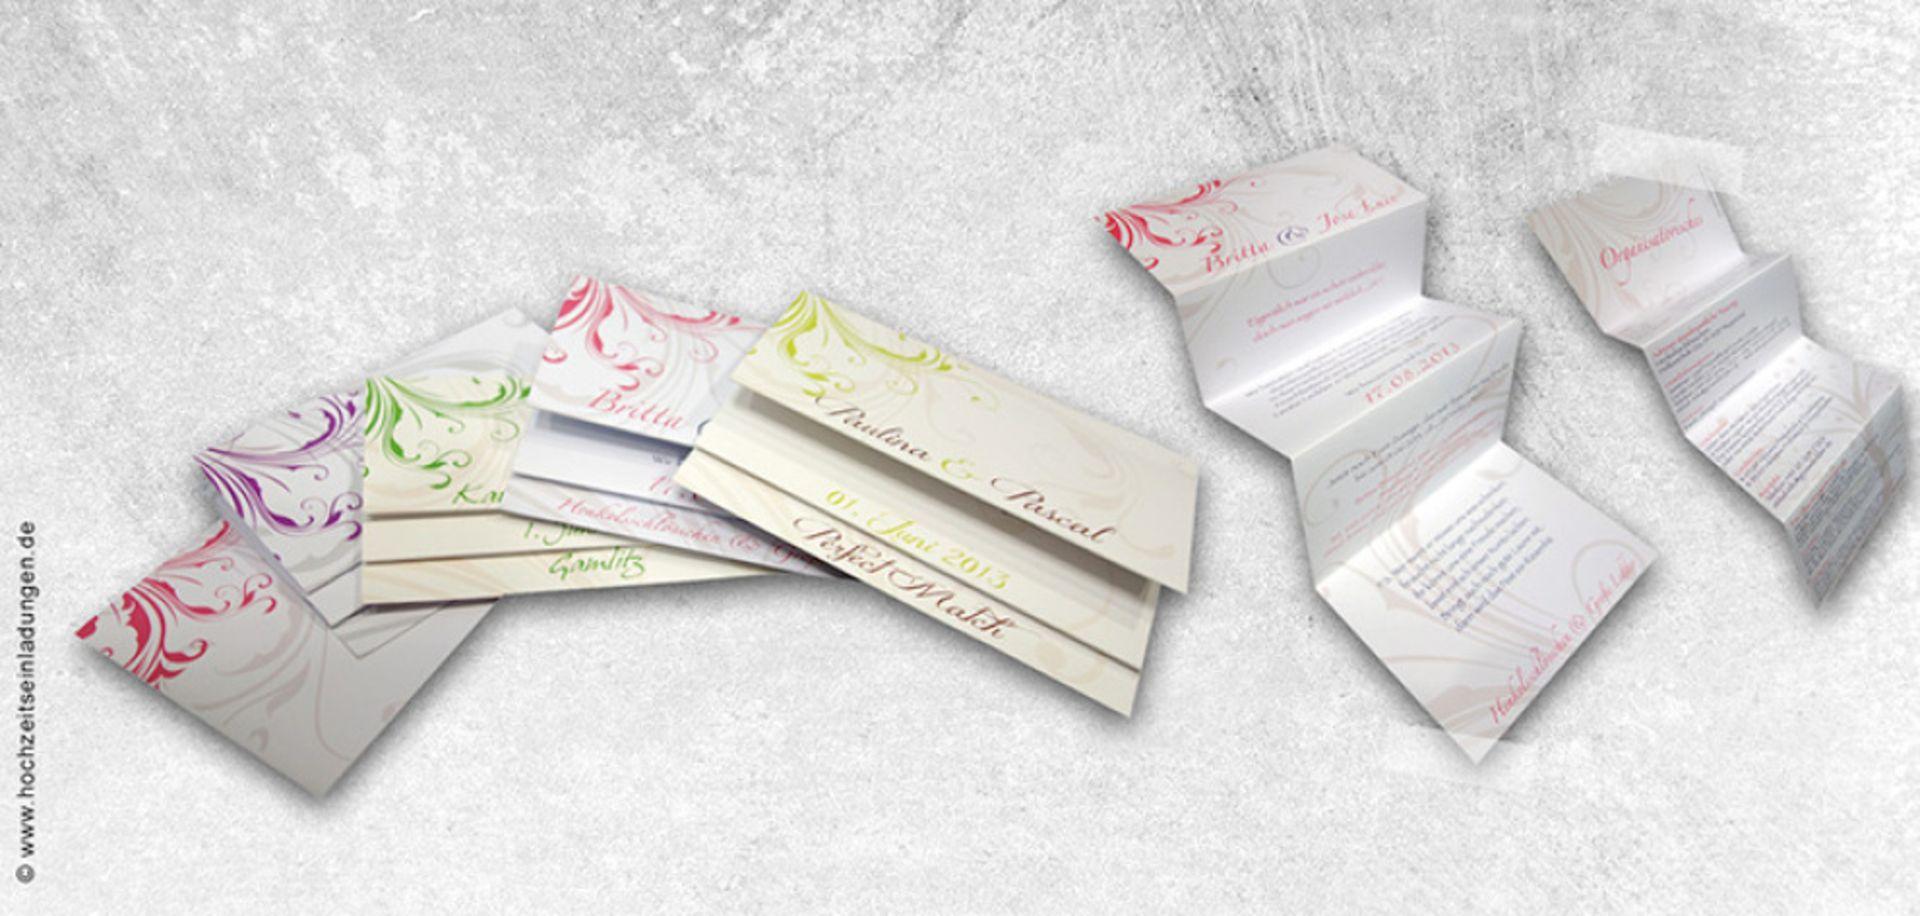 Wenn Sie Auf Der Suche Nach Einem Design Sind Das Sie Stilsicher Szene  Setzt, Werden. Einladungen Zur Hochzeit   Klassisch ...